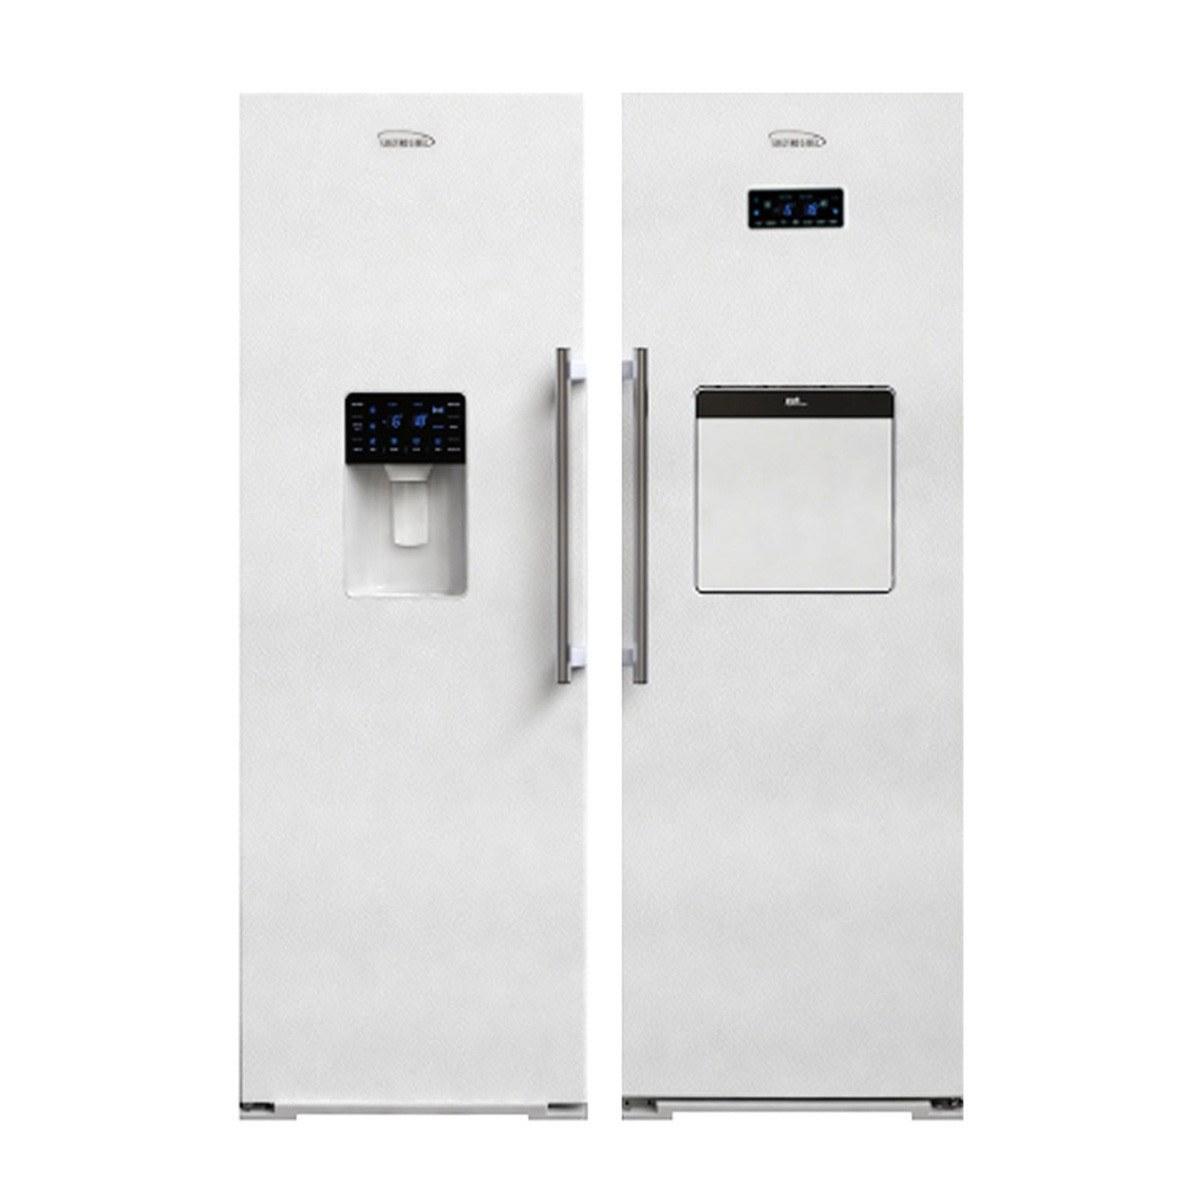 تصویر یخچال دوقلو الکترواستیل es23 Electrostatic twin refrigerator es23